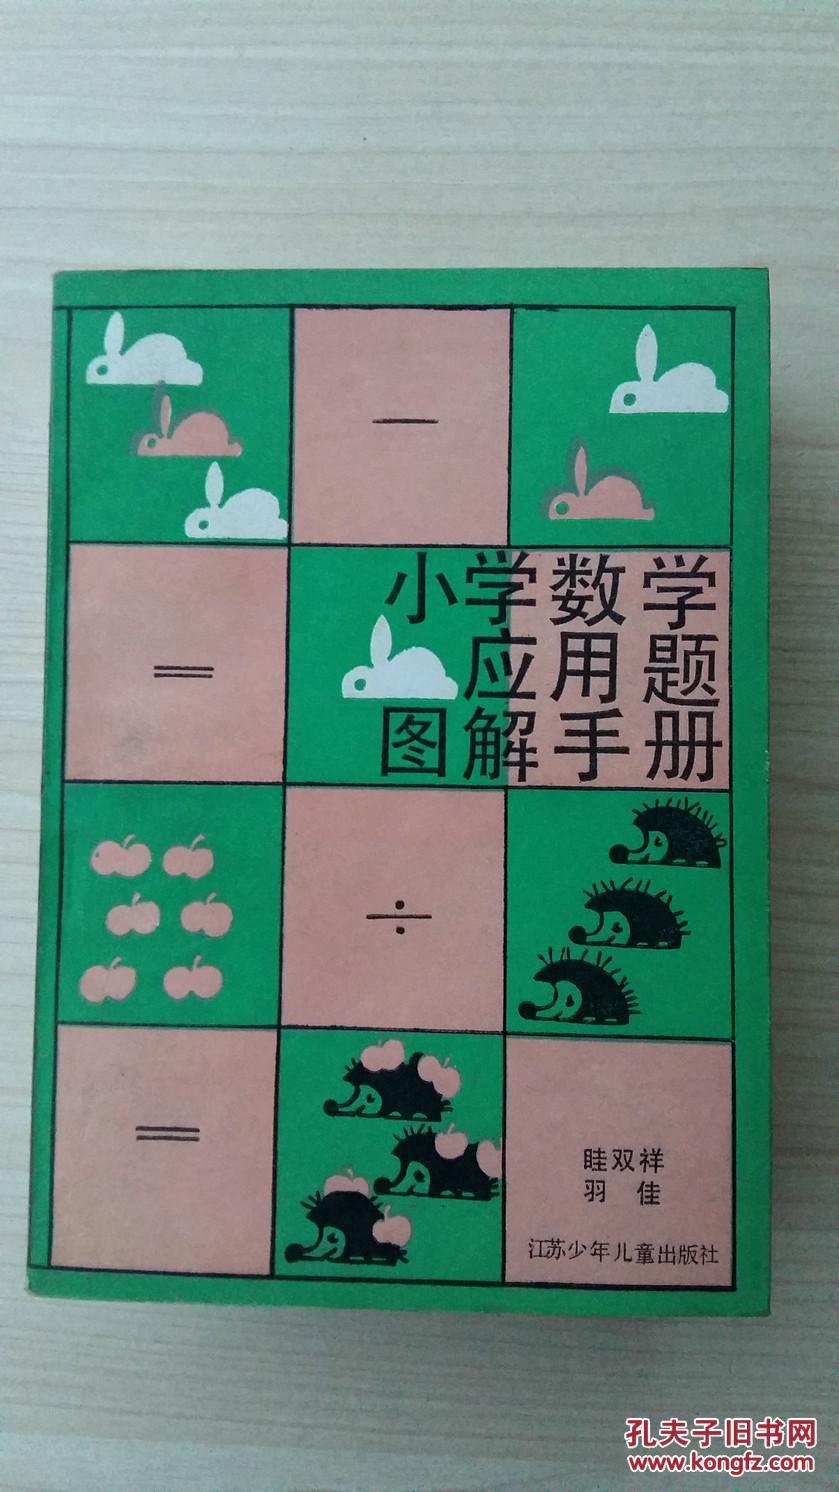 【图】手册数学应用题图解年级_小学:5.00价格的三小学寓言故事图片